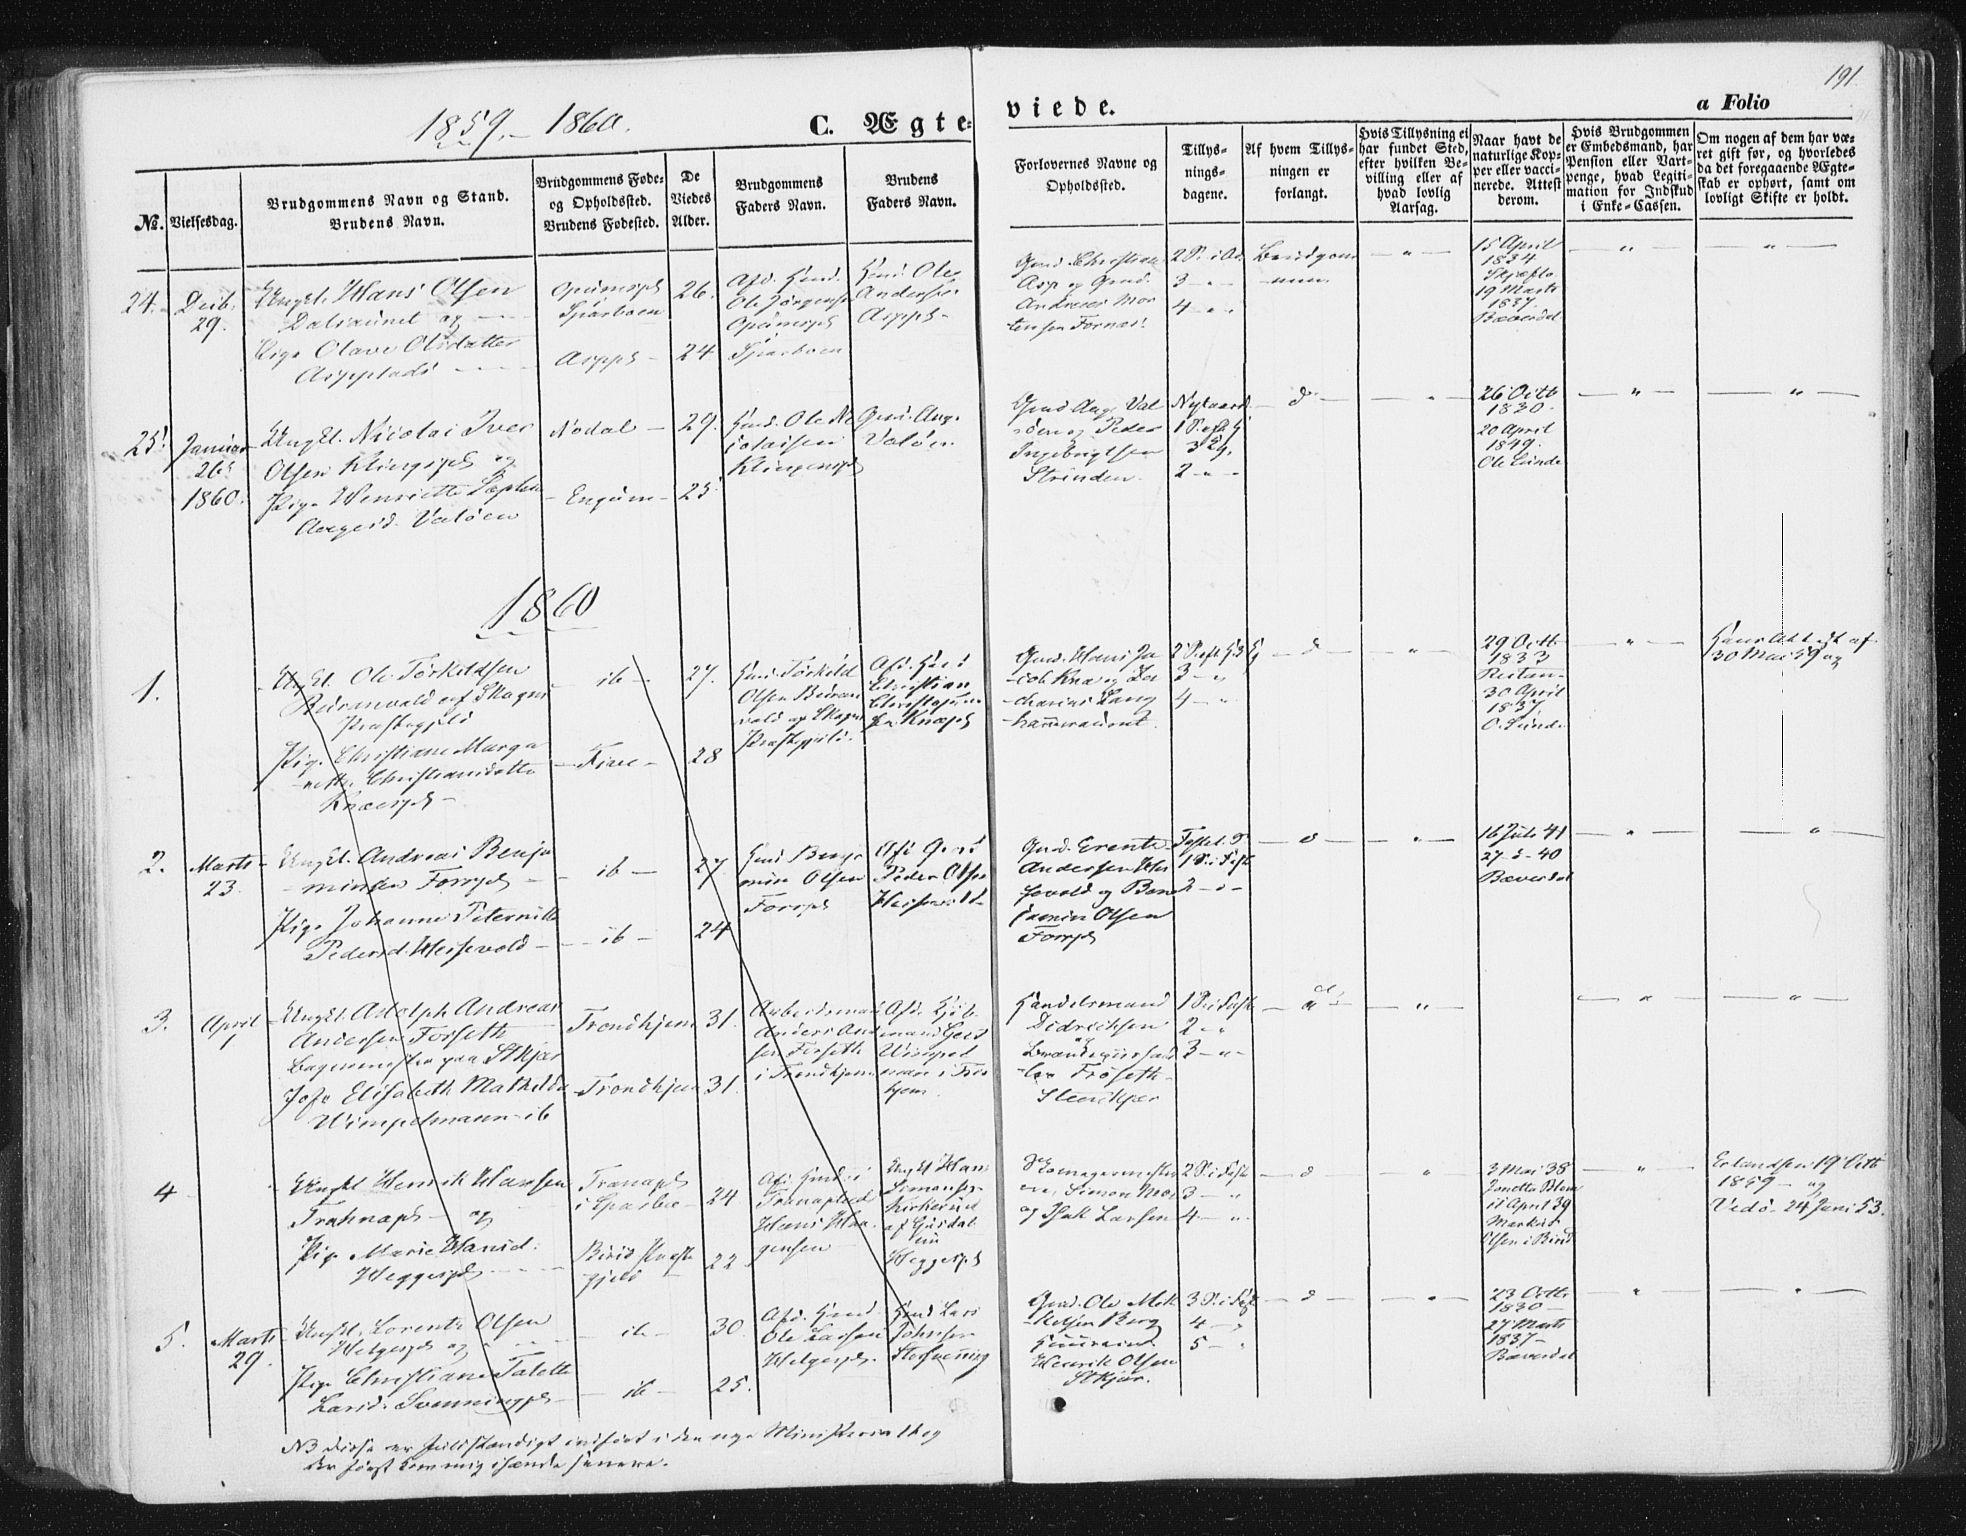 SAT, Ministerialprotokoller, klokkerbøker og fødselsregistre - Nord-Trøndelag, 746/L0446: Ministerialbok nr. 746A05, 1846-1859, s. 191